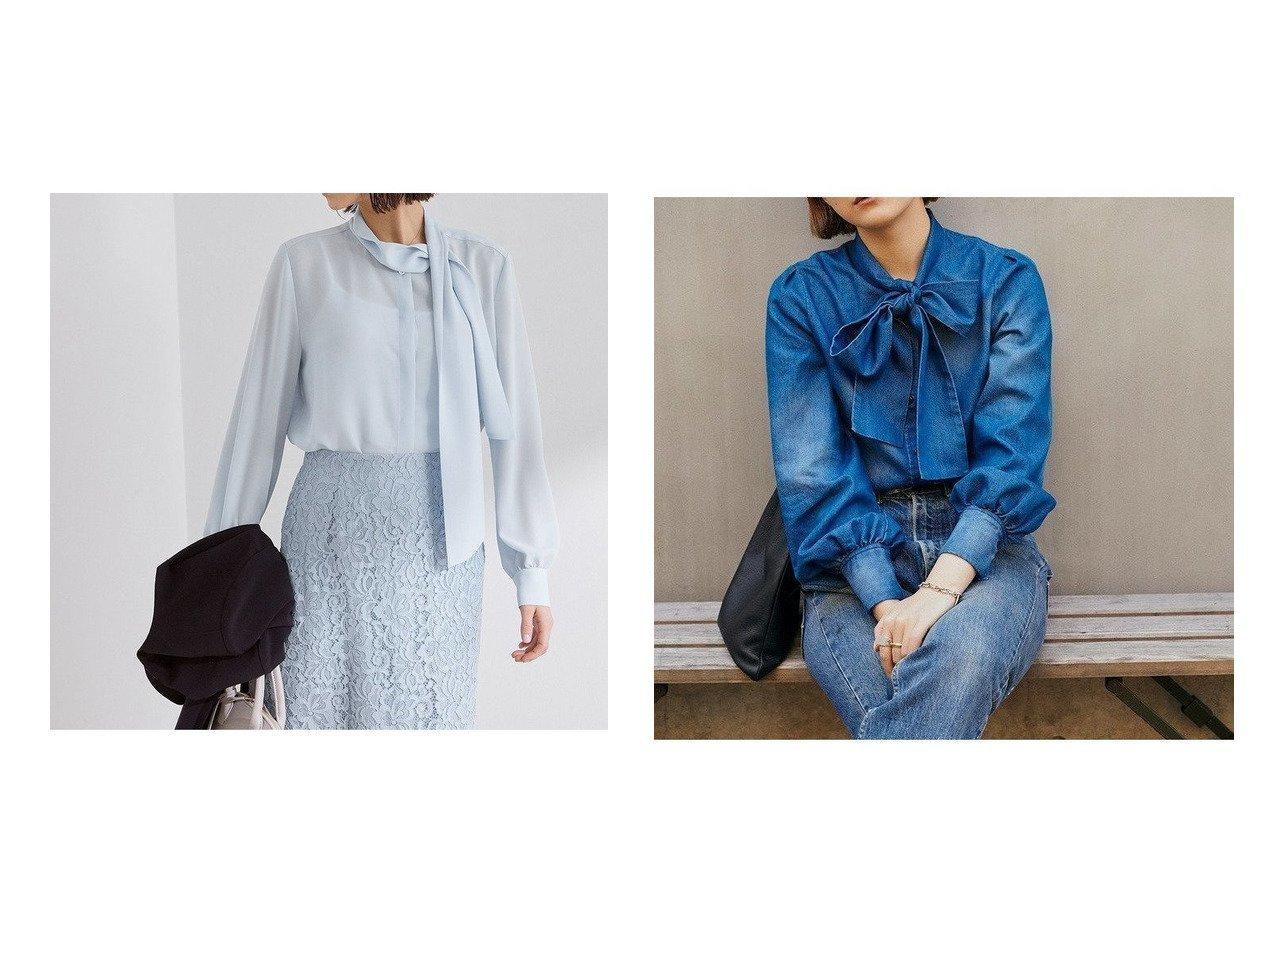 【ROPE'/ロペ】のパウダリーツイルボウタイブラウス&【ROPE' mademoiselle/ロペ マドモアゼル】のボウタイリボンブラウス 【トップス・カットソー】おすすめ!人気、トレンド・レディースファッションの通販  おすすめで人気の流行・トレンド、ファッションの通販商品 メンズファッション・キッズファッション・インテリア・家具・レディースファッション・服の通販 founy(ファニー) https://founy.com/ ファッション Fashion レディースファッション WOMEN トップス・カットソー Tops/Tshirt シャツ/ブラウス Shirts/Blouses インディゴ ヴィンテージ カフス カラフル クラシカル コンパクト ジャケット スペシャル スリーブ 雑誌 チェック デニム フェミニン ポケット リネン リボン NEW・新作・新着・新入荷 New Arrivals おすすめ Recommend |ID:crp329100000027693